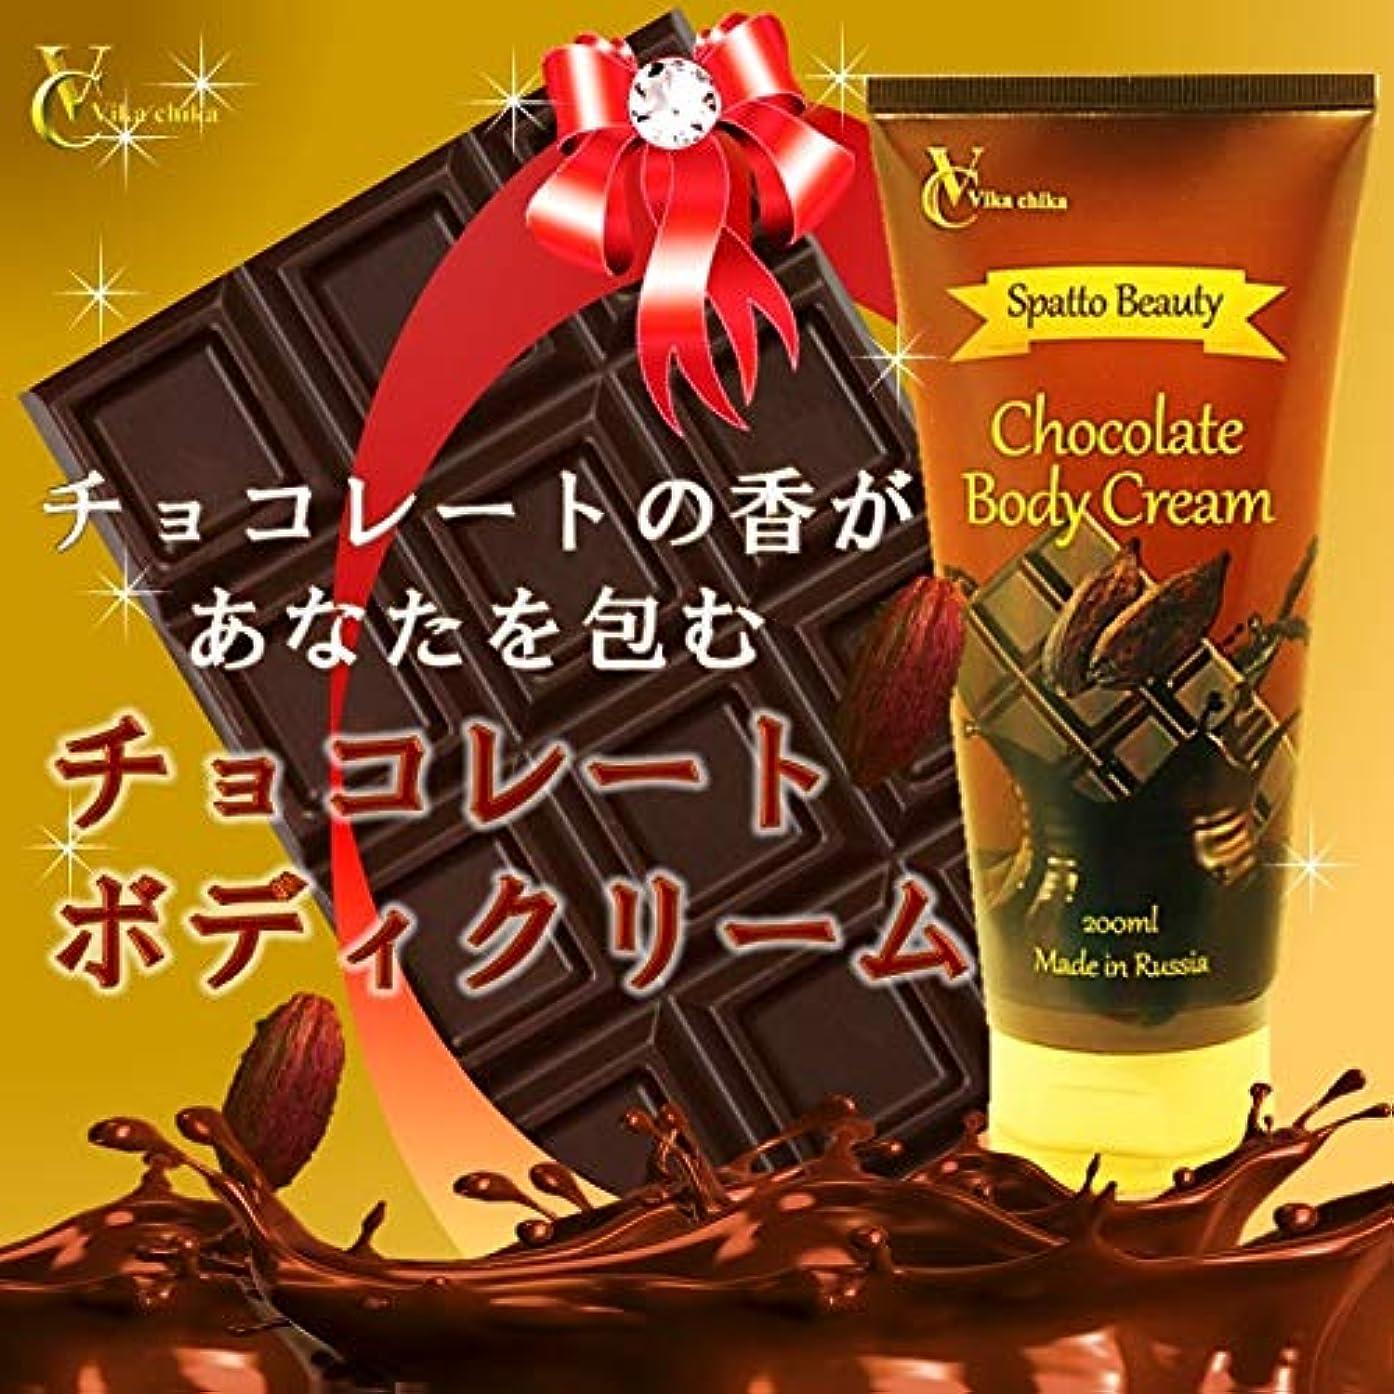 力強い失業者杖ビッカチカ スパッと ビューティ チョコレートボディクリーム 200ml